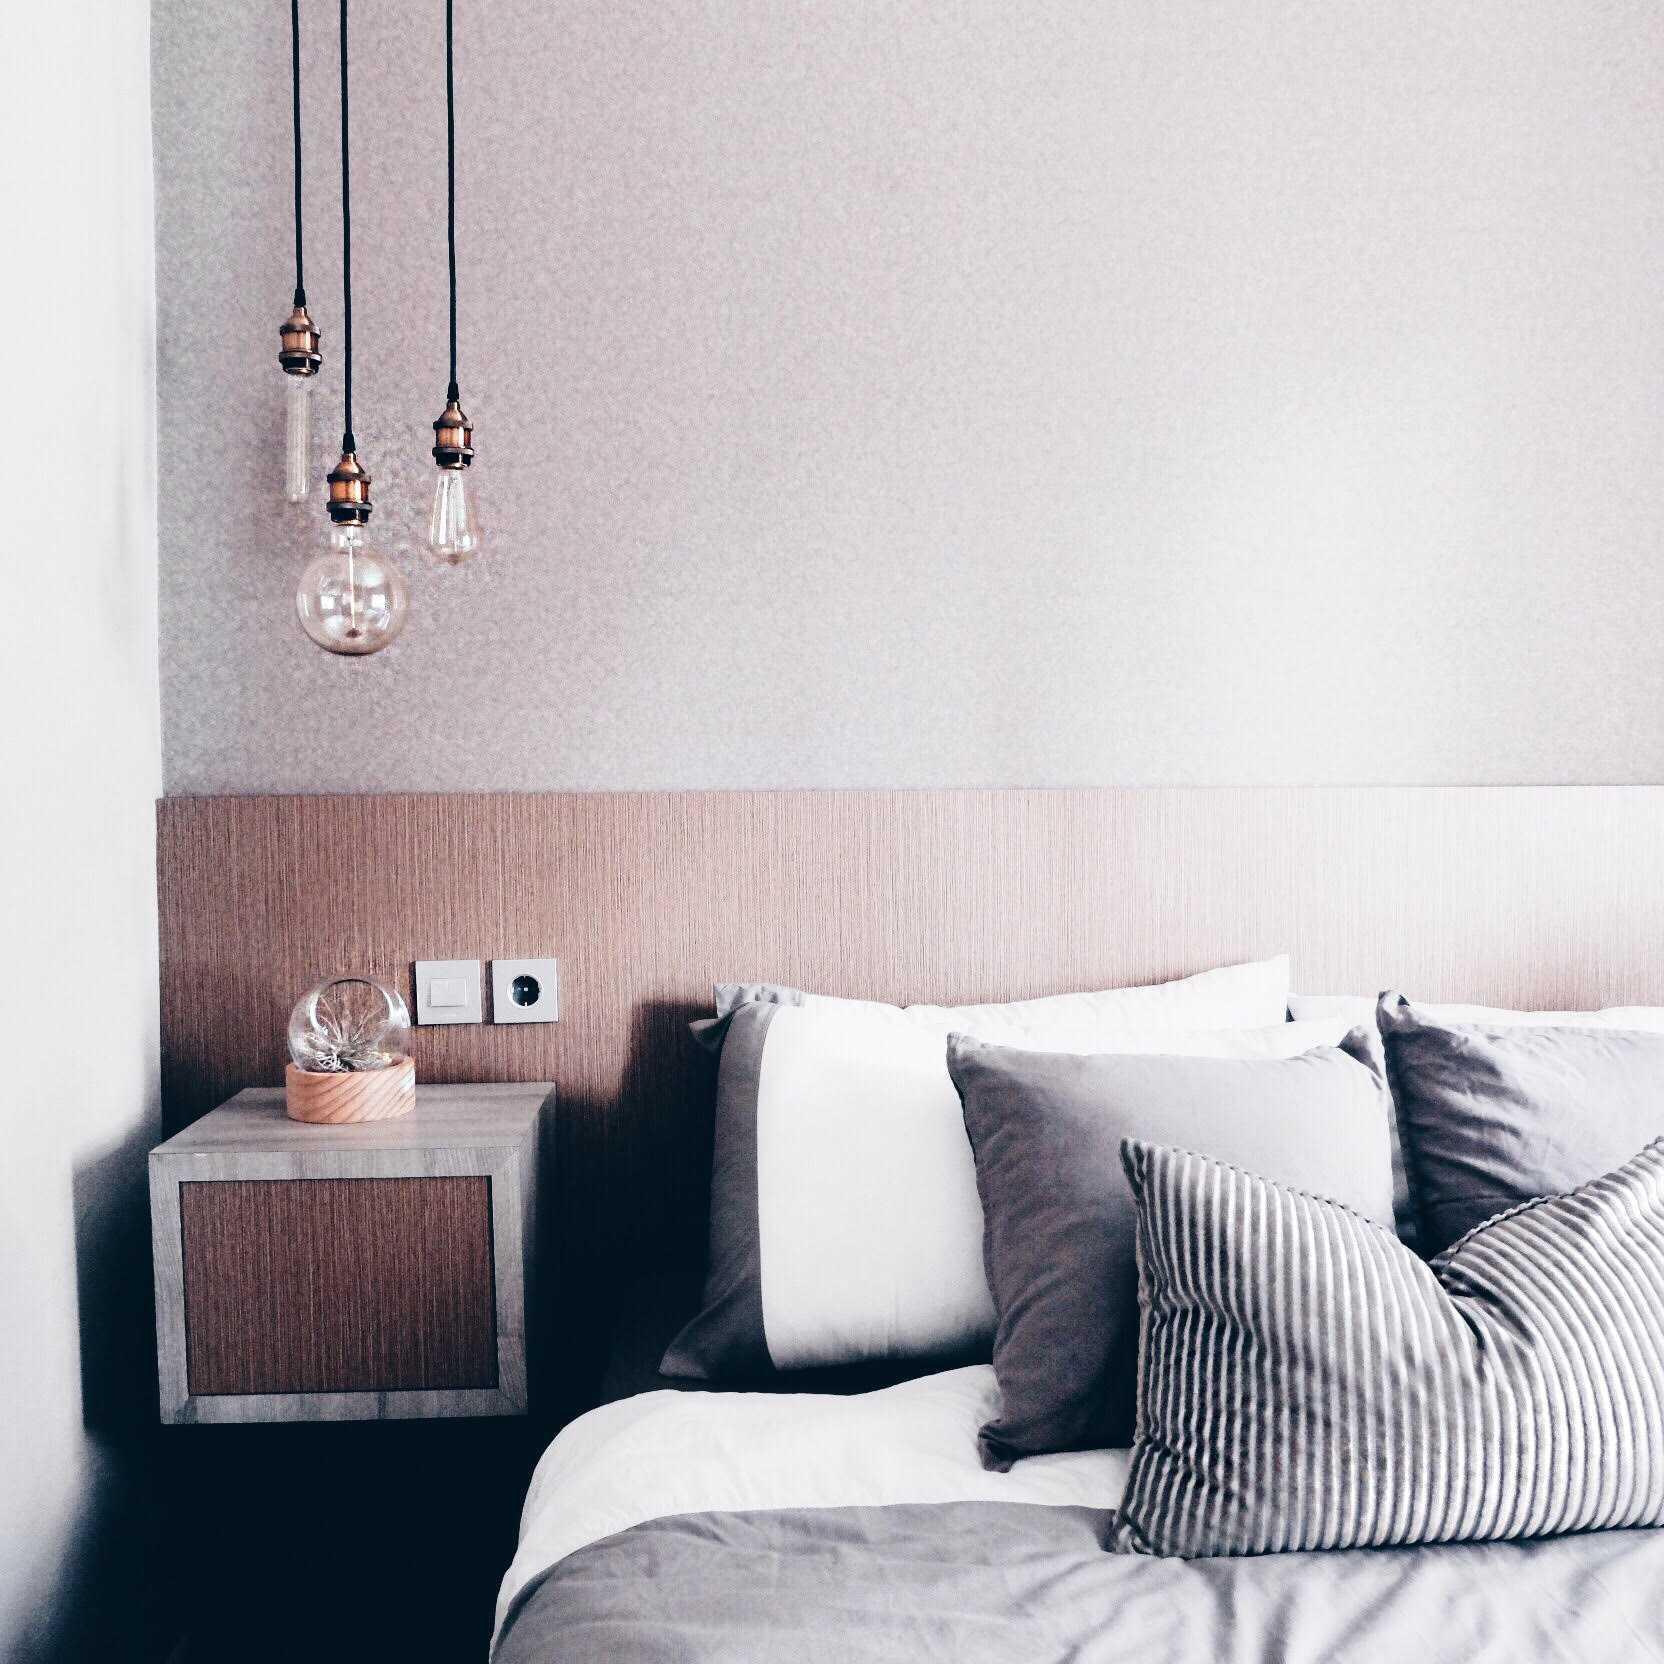 Ark.tekt Design Studio Sans Office Cilandak, Jakarta Selatan Cilandak, Jakarta Selatan Ruang Tidur  Ruang Tidur Yang Berkonsep Simple Dan Modern Pada Kantor Ini Difungsikan Sebagai Tempat Istirahat Apabila Keesokan Harinya Ada Early Flight Untuk Keluar Kota. 24136